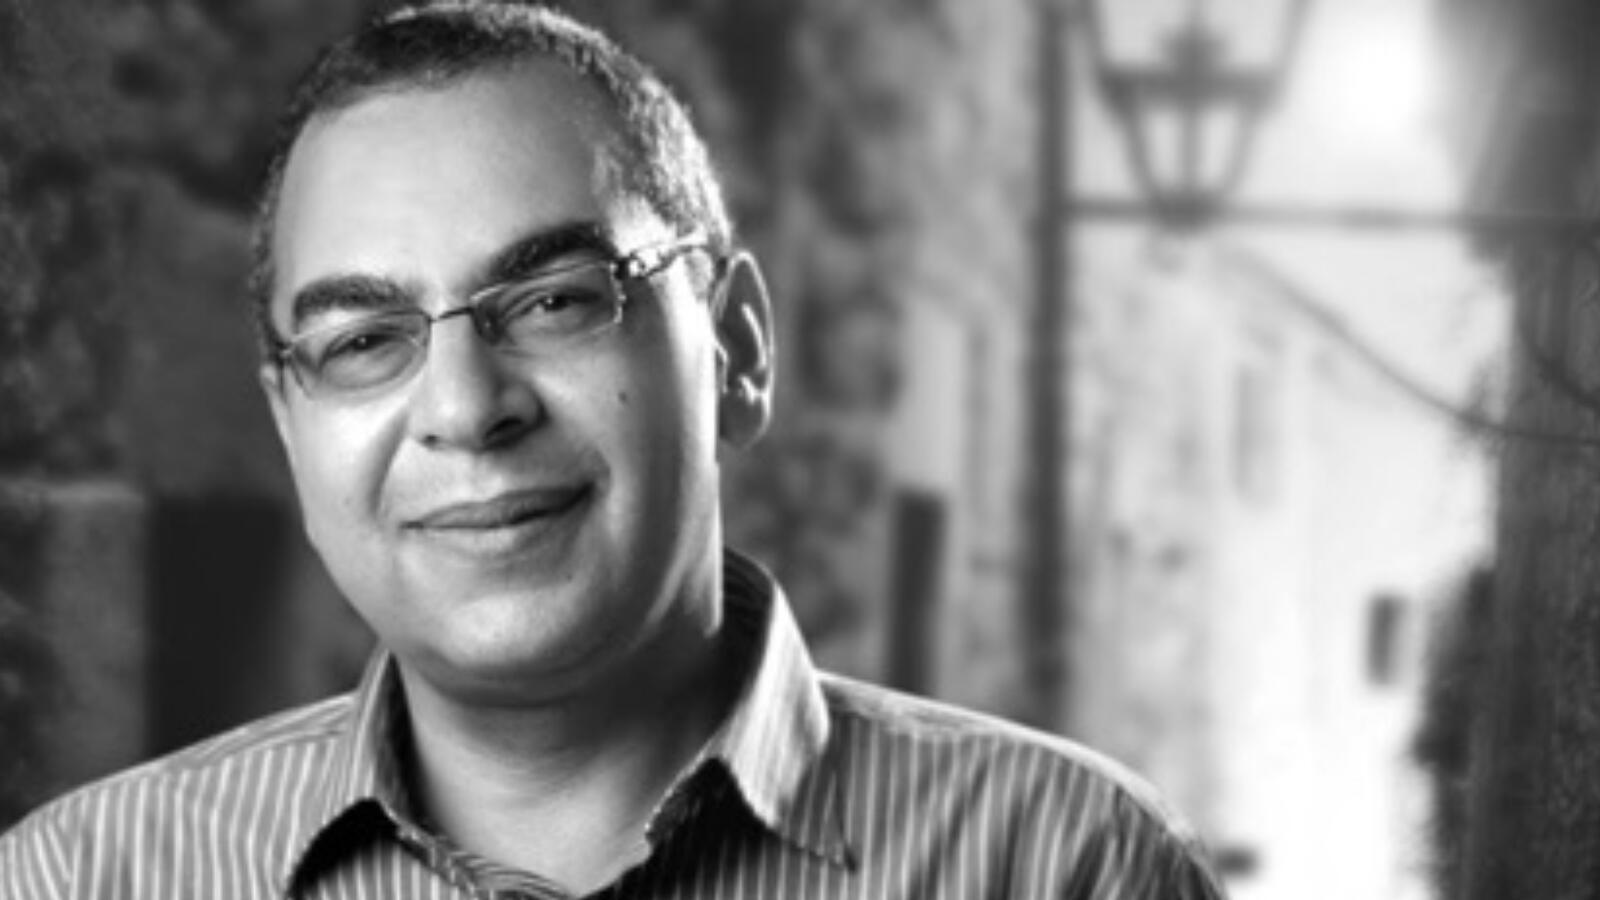 إصدار «رفقاء الليل»، 11 قصة كتبها أحمد خالد توفيق قبل وفاته